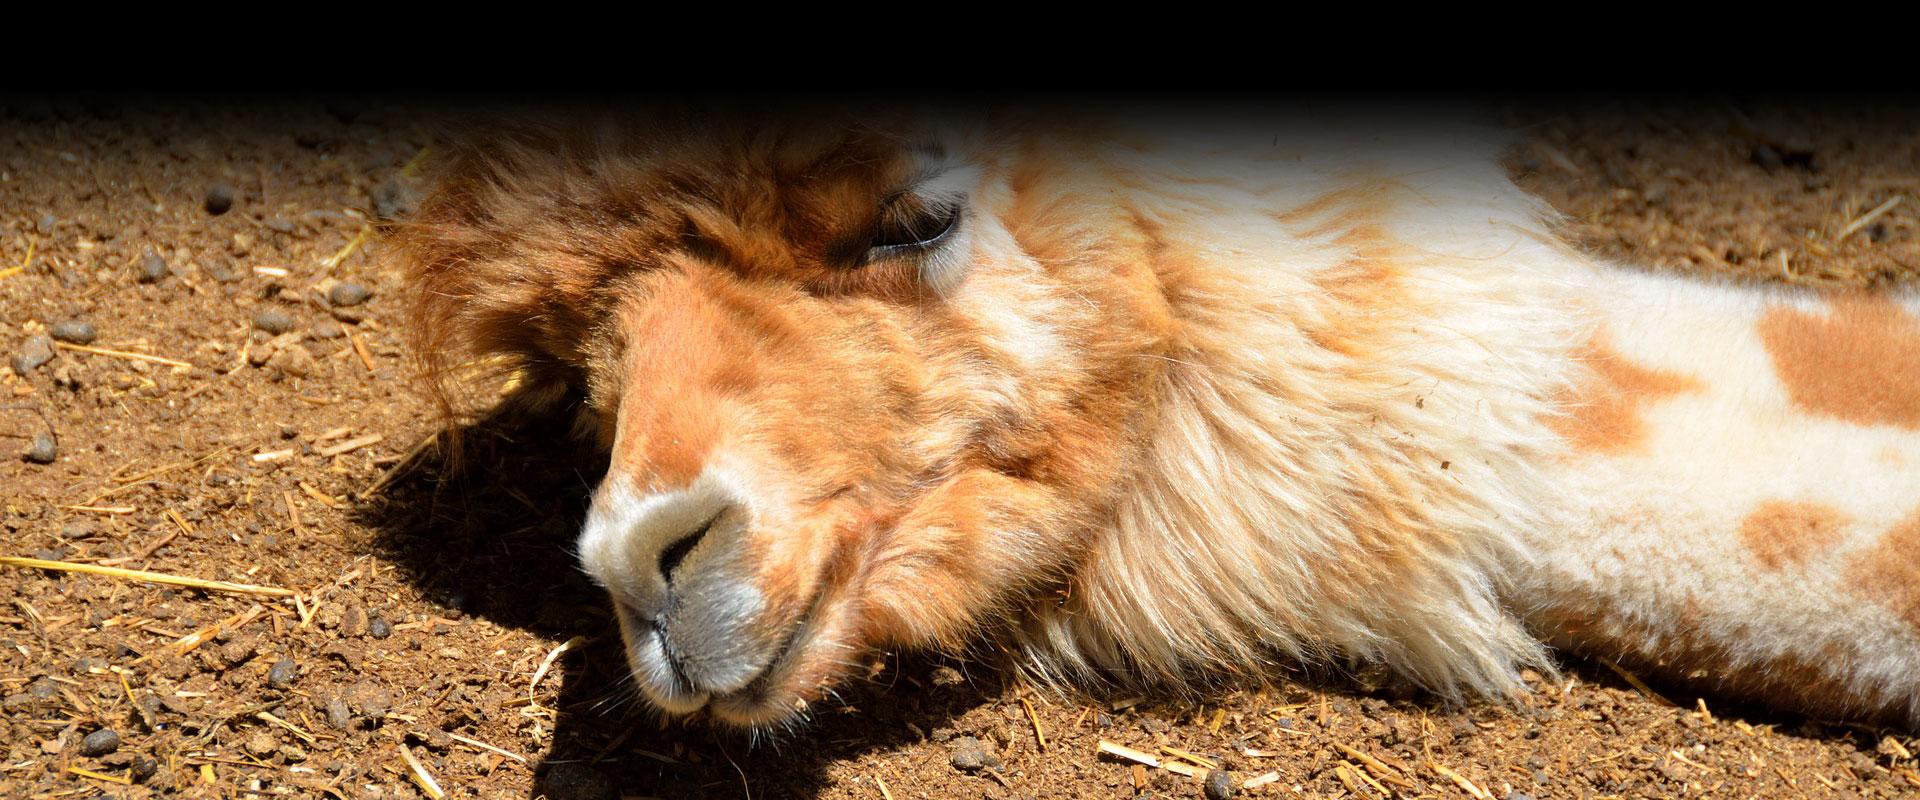 party-like-a-llama